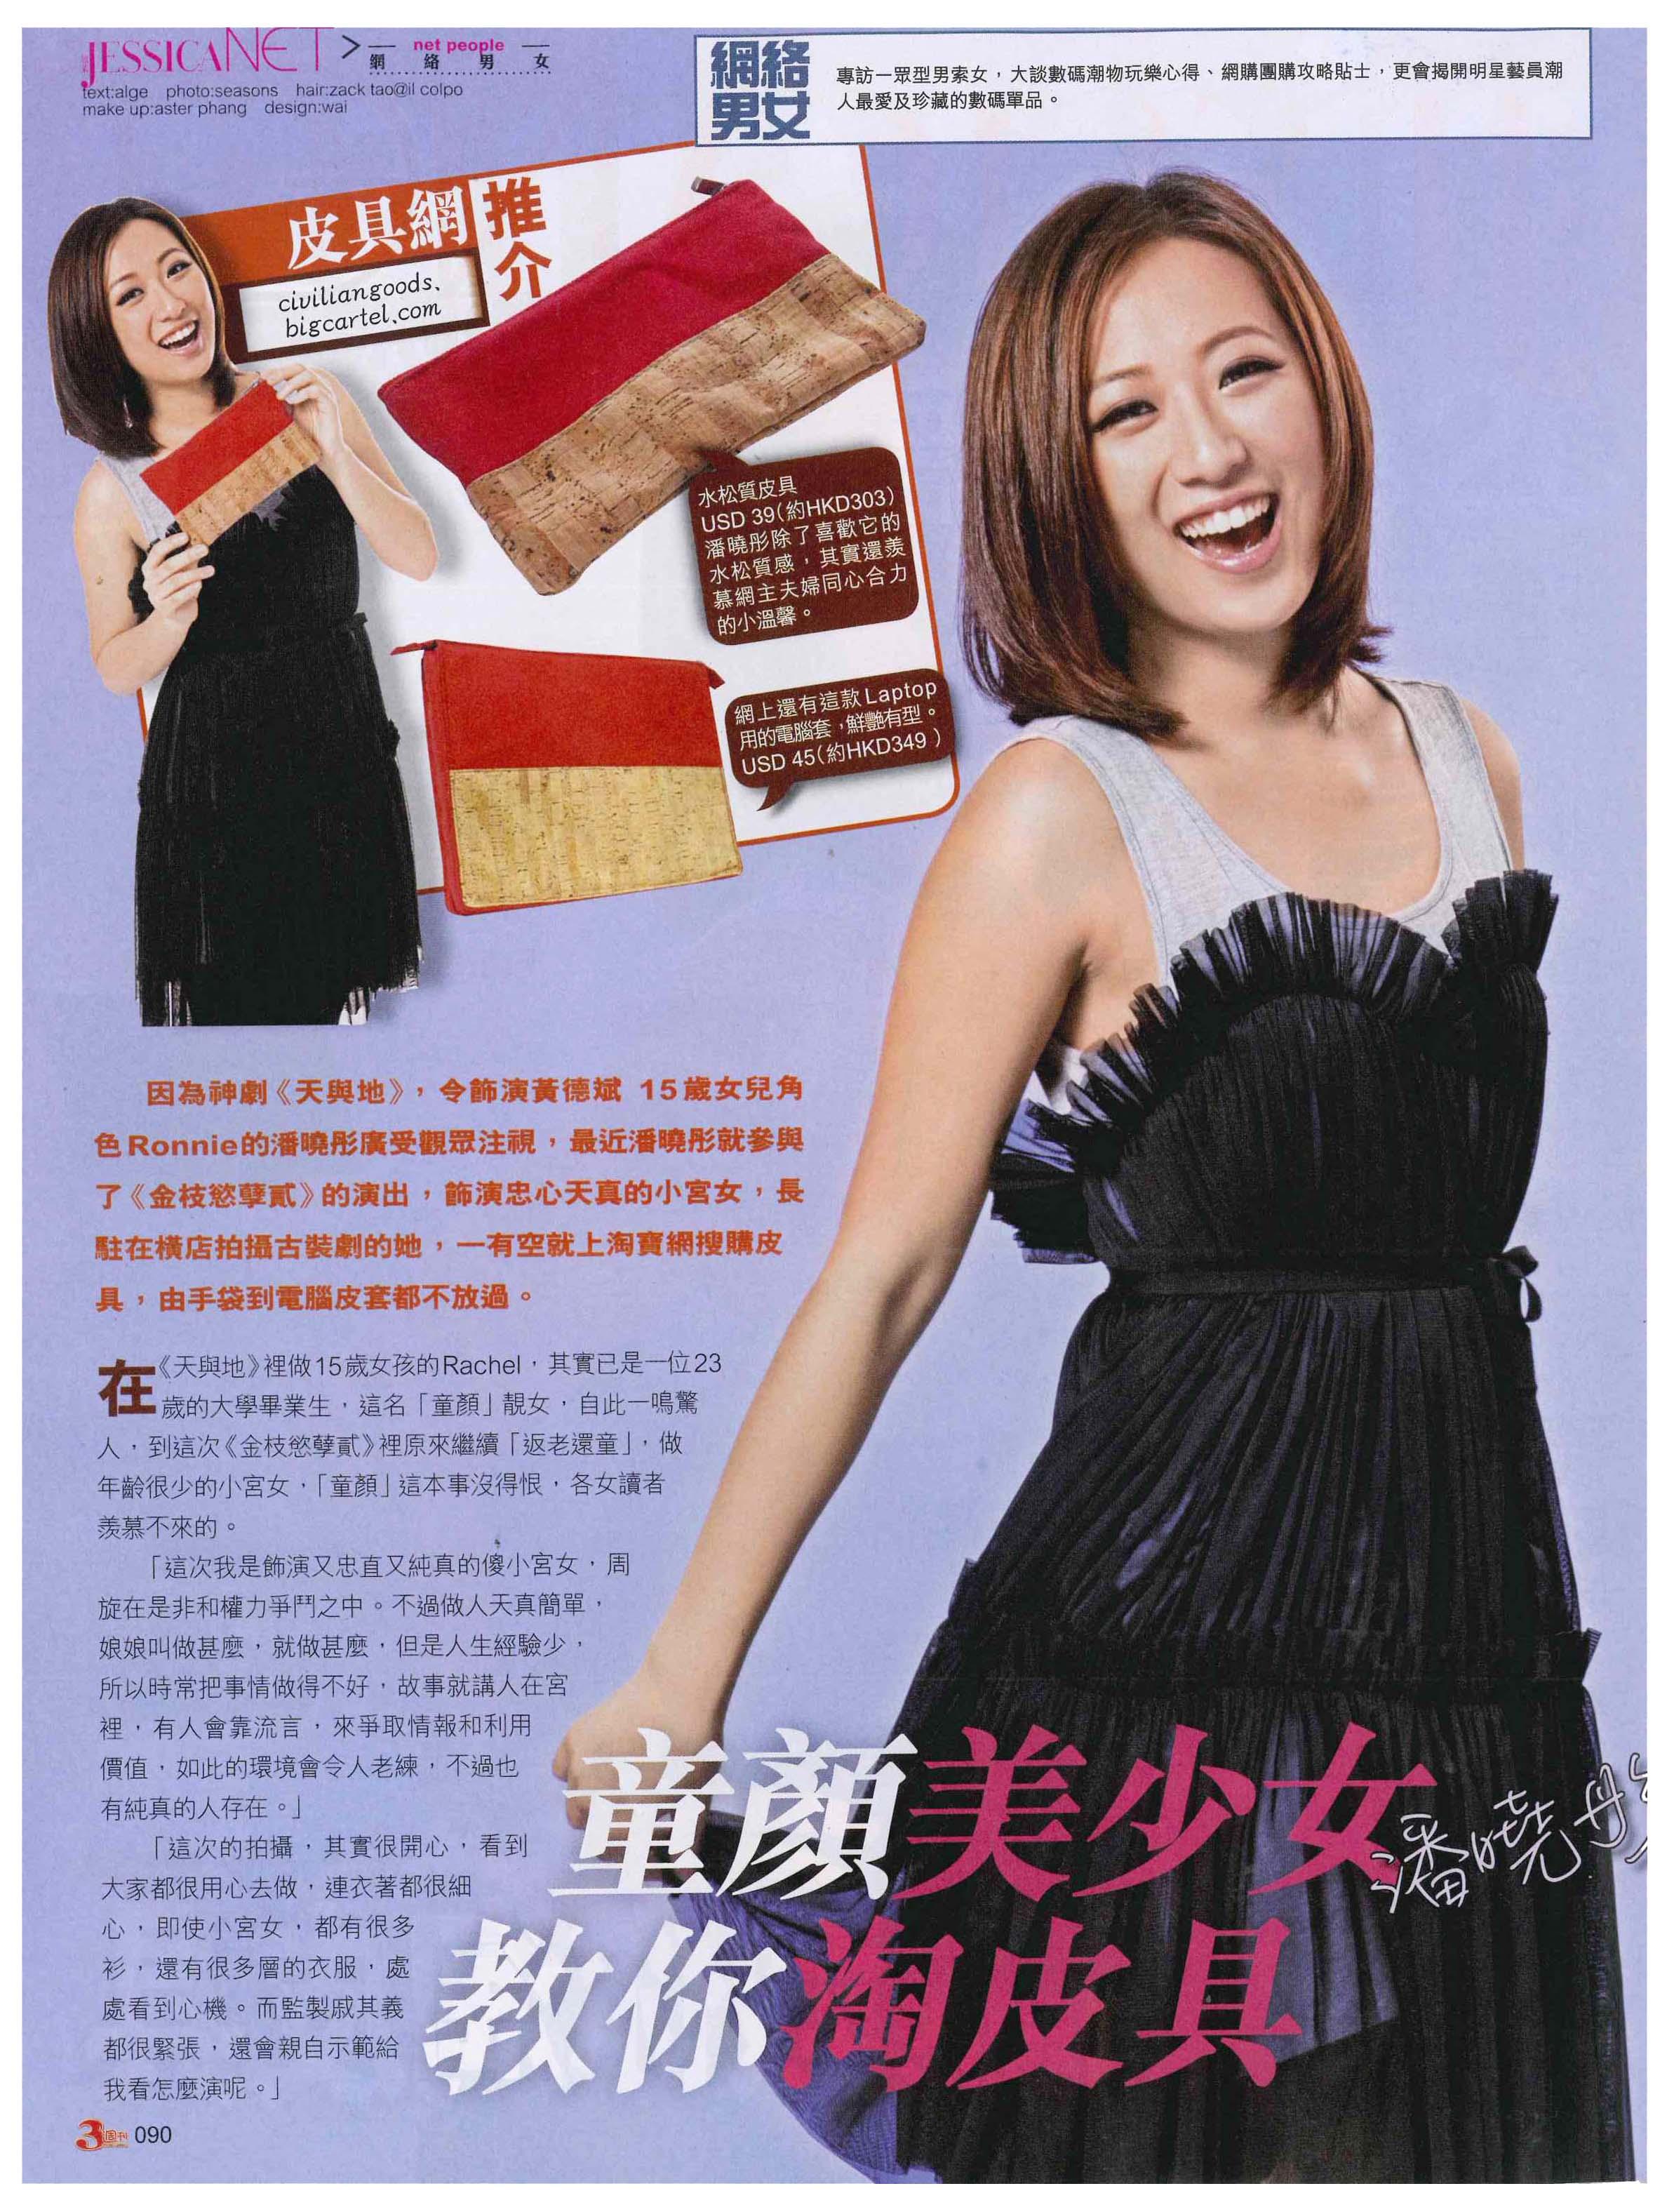 Jessica One